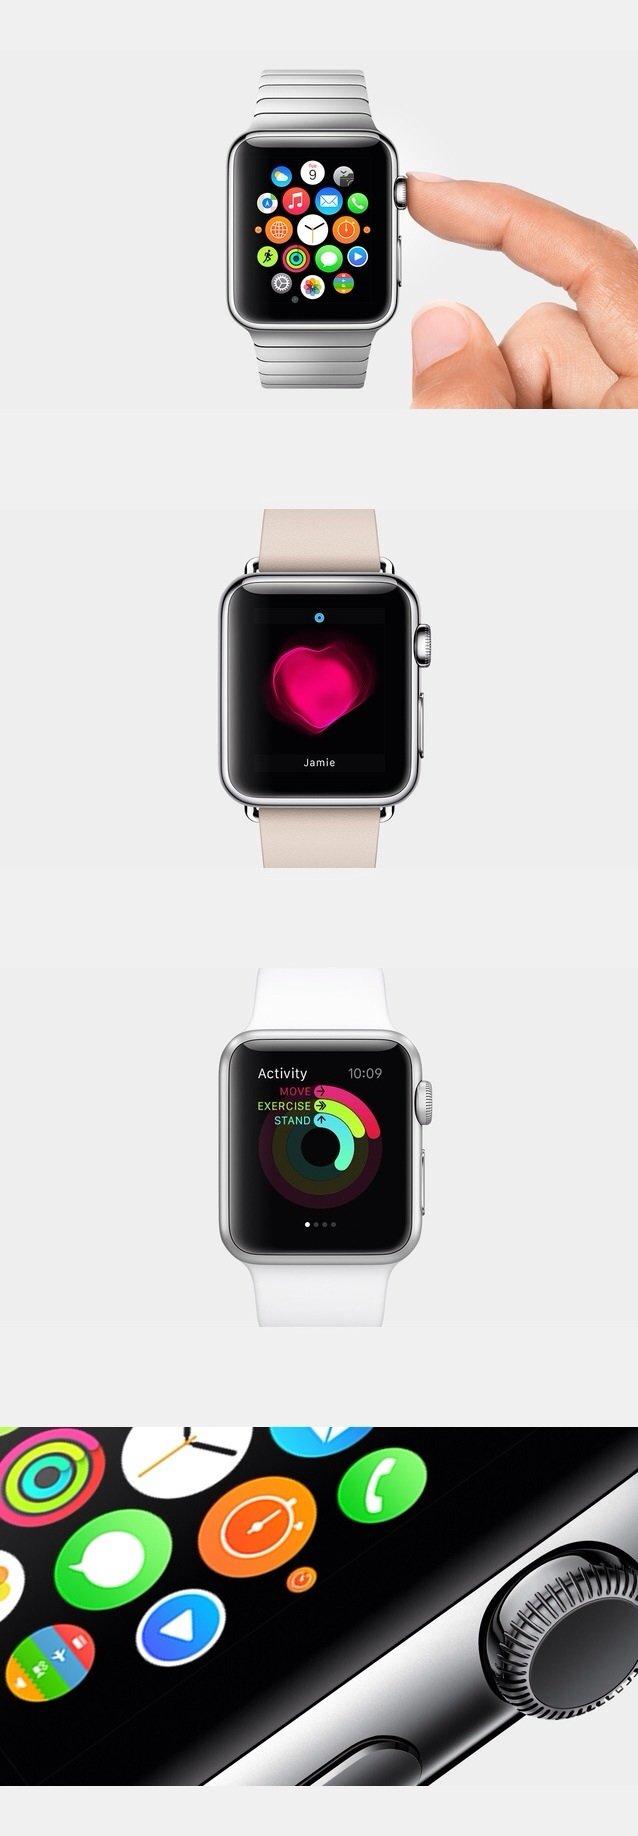 ساعة IWatch من #Apple تسمح بمشاركة نبض قلبك مع من تحب وترصد نشاطاتك اليومية